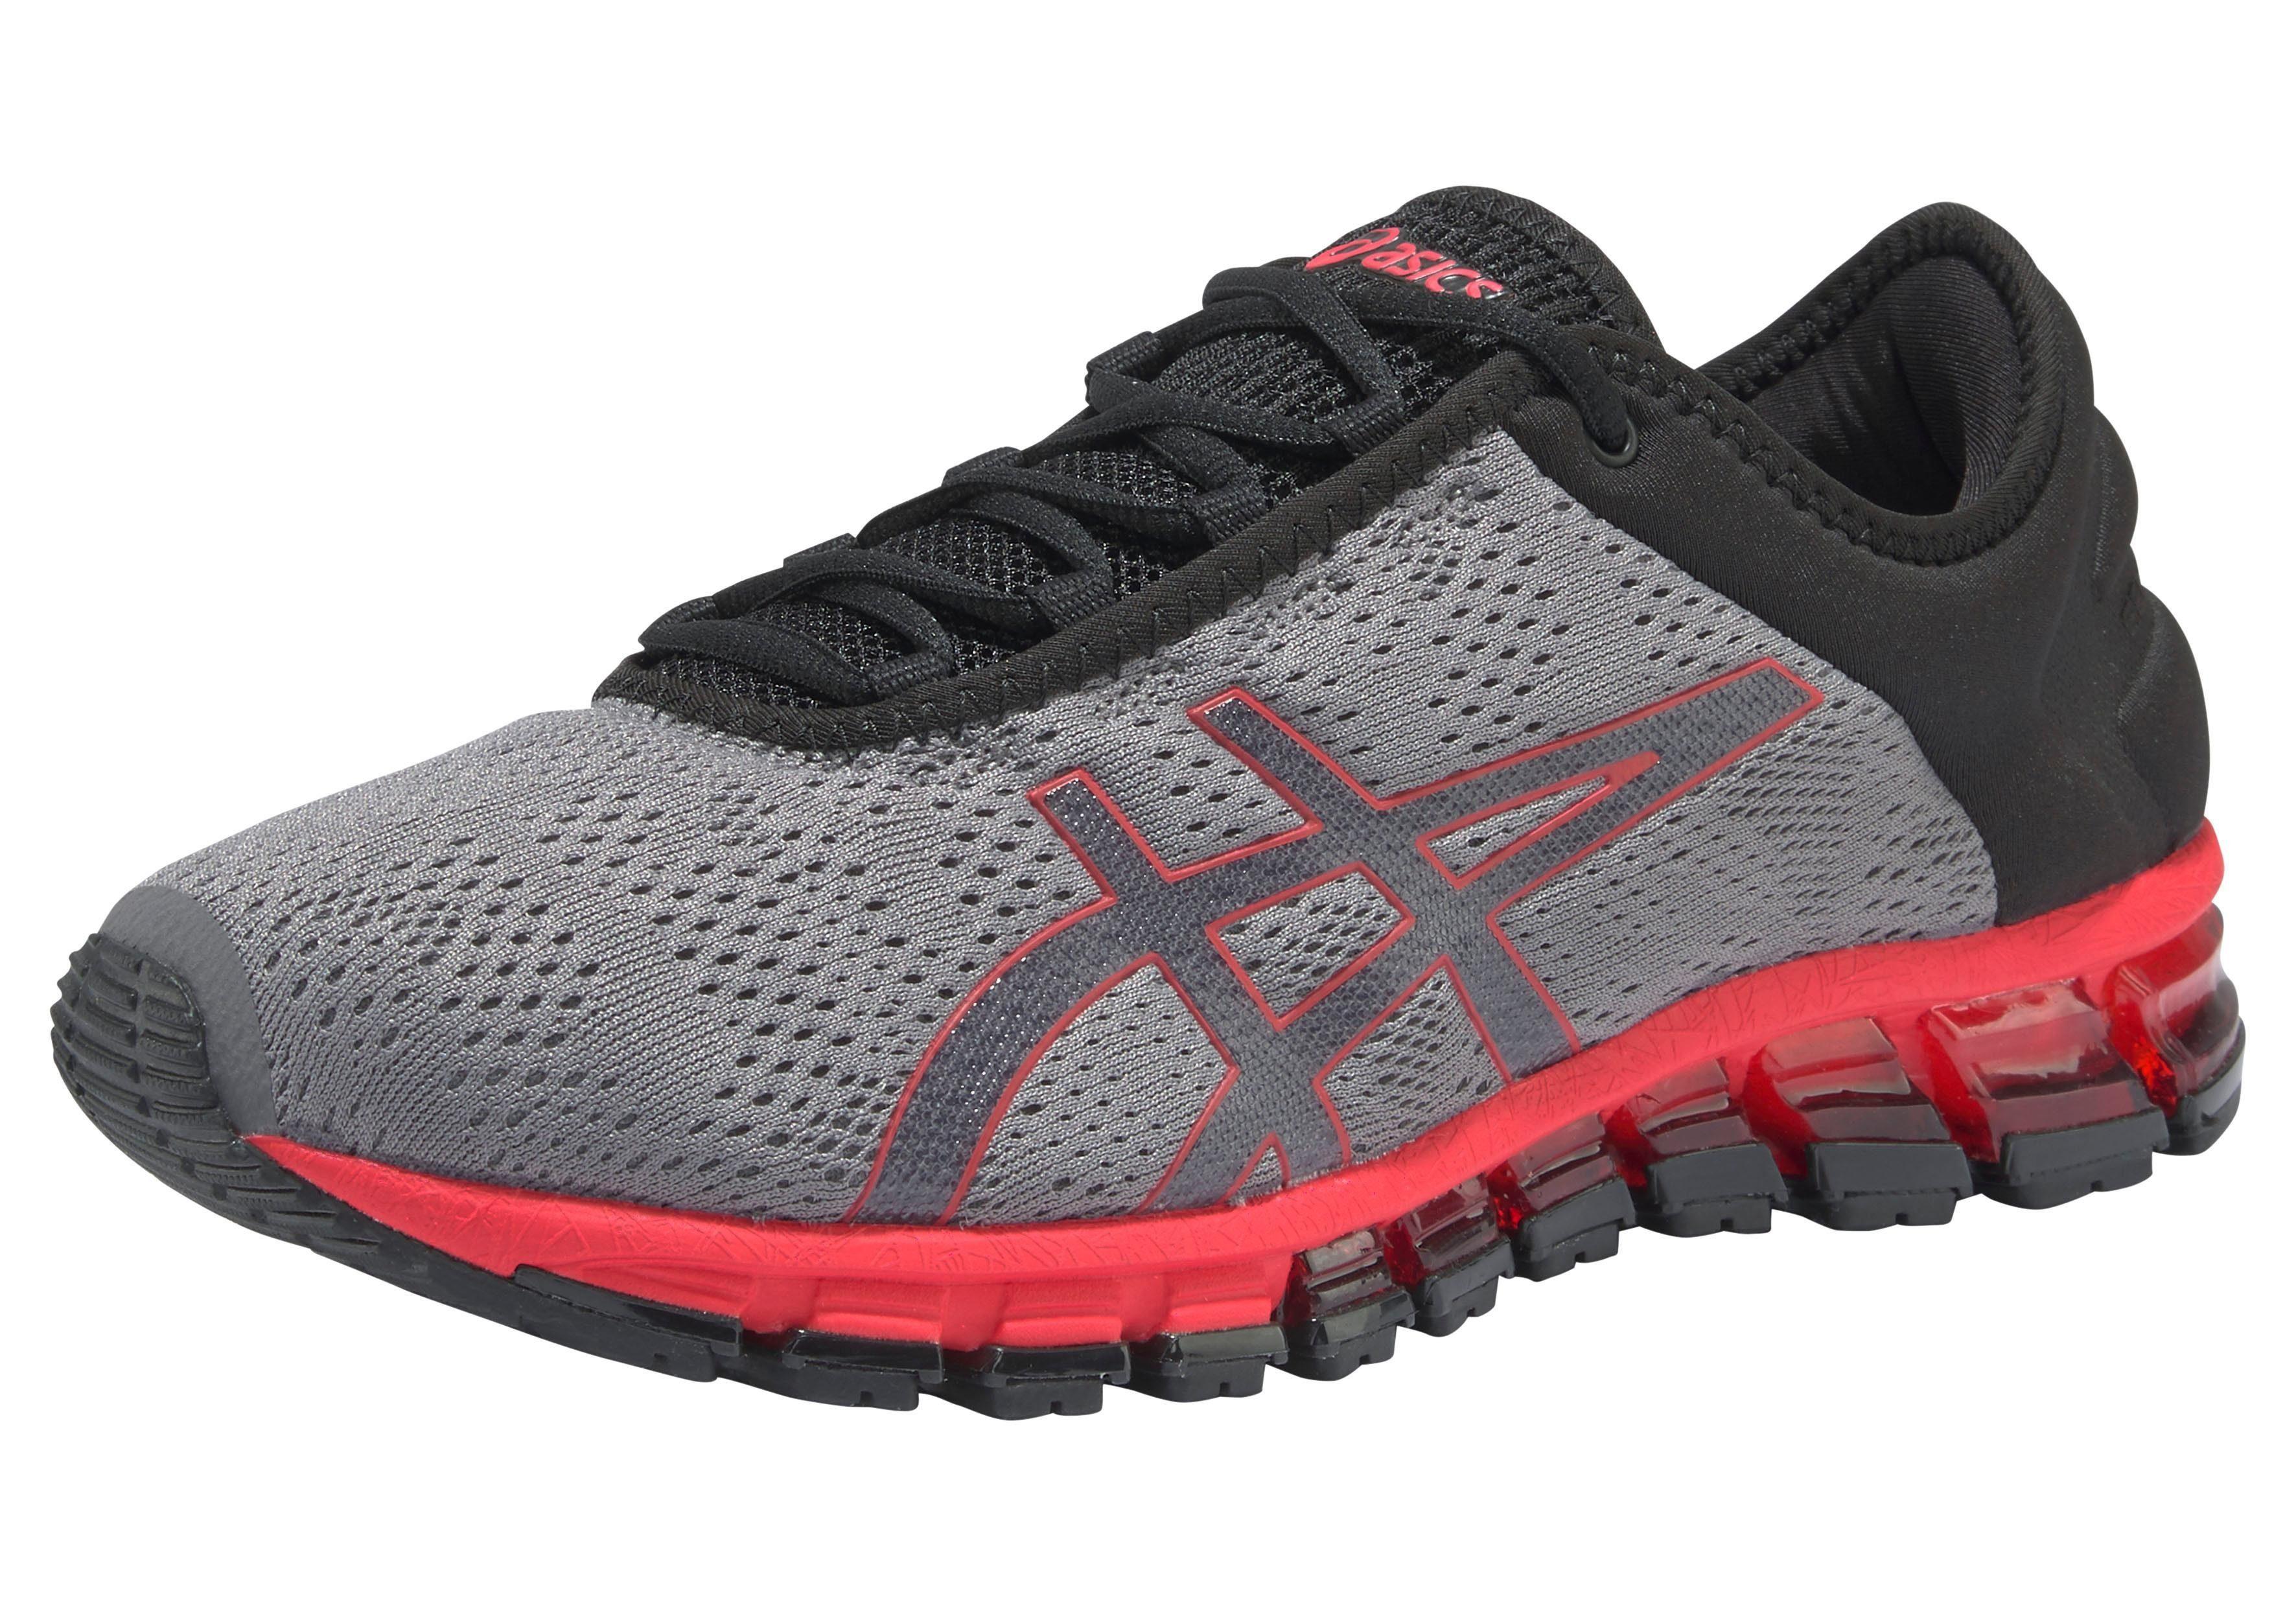 Asics »GEL QUANTUM 180 3« Sneaker, Sportlicher Sneaker von Asics online kaufen | OTTO